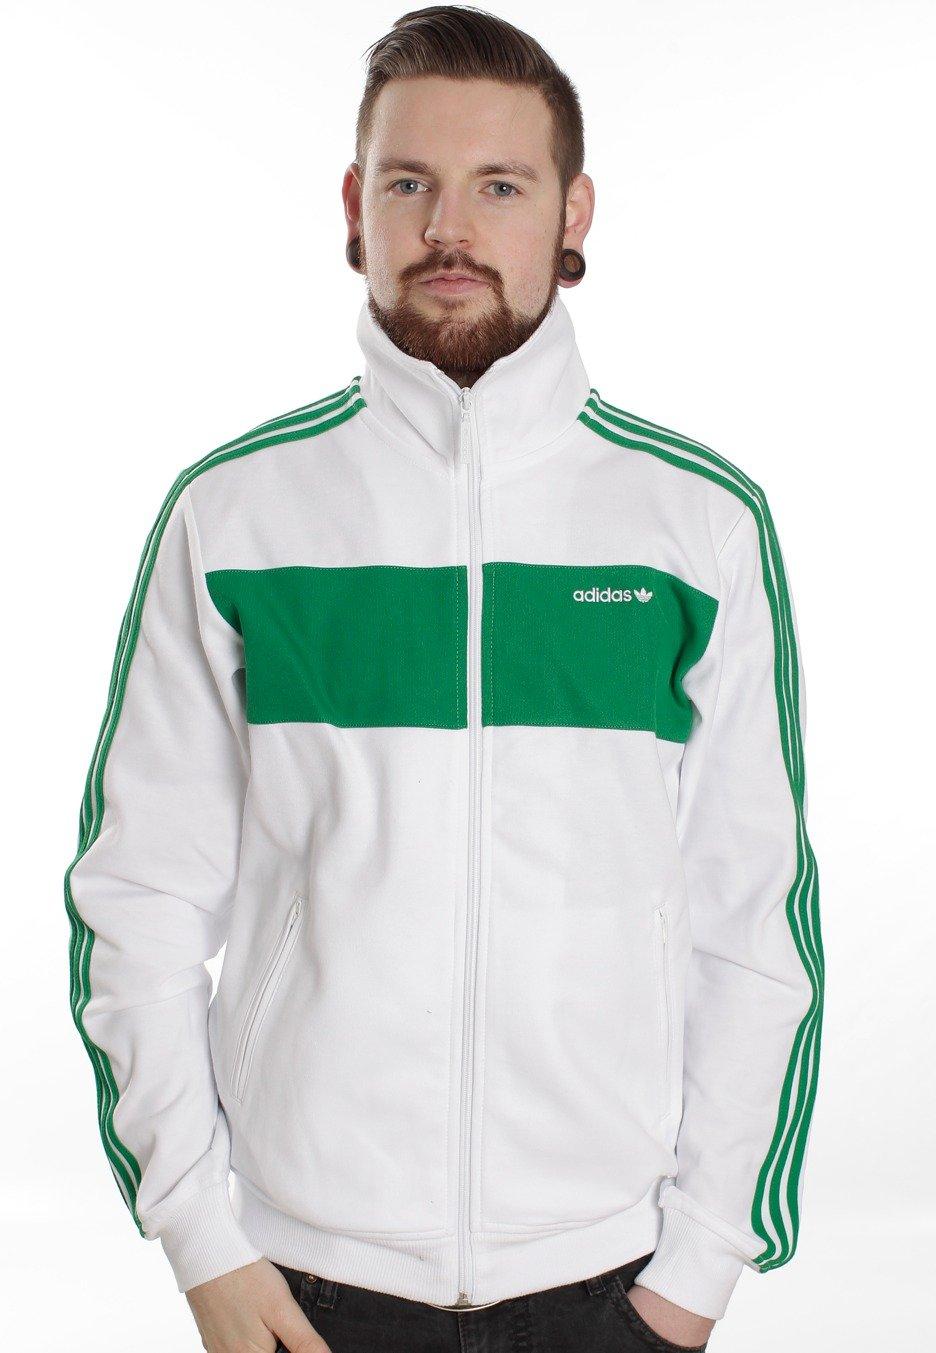 Buy white jacket